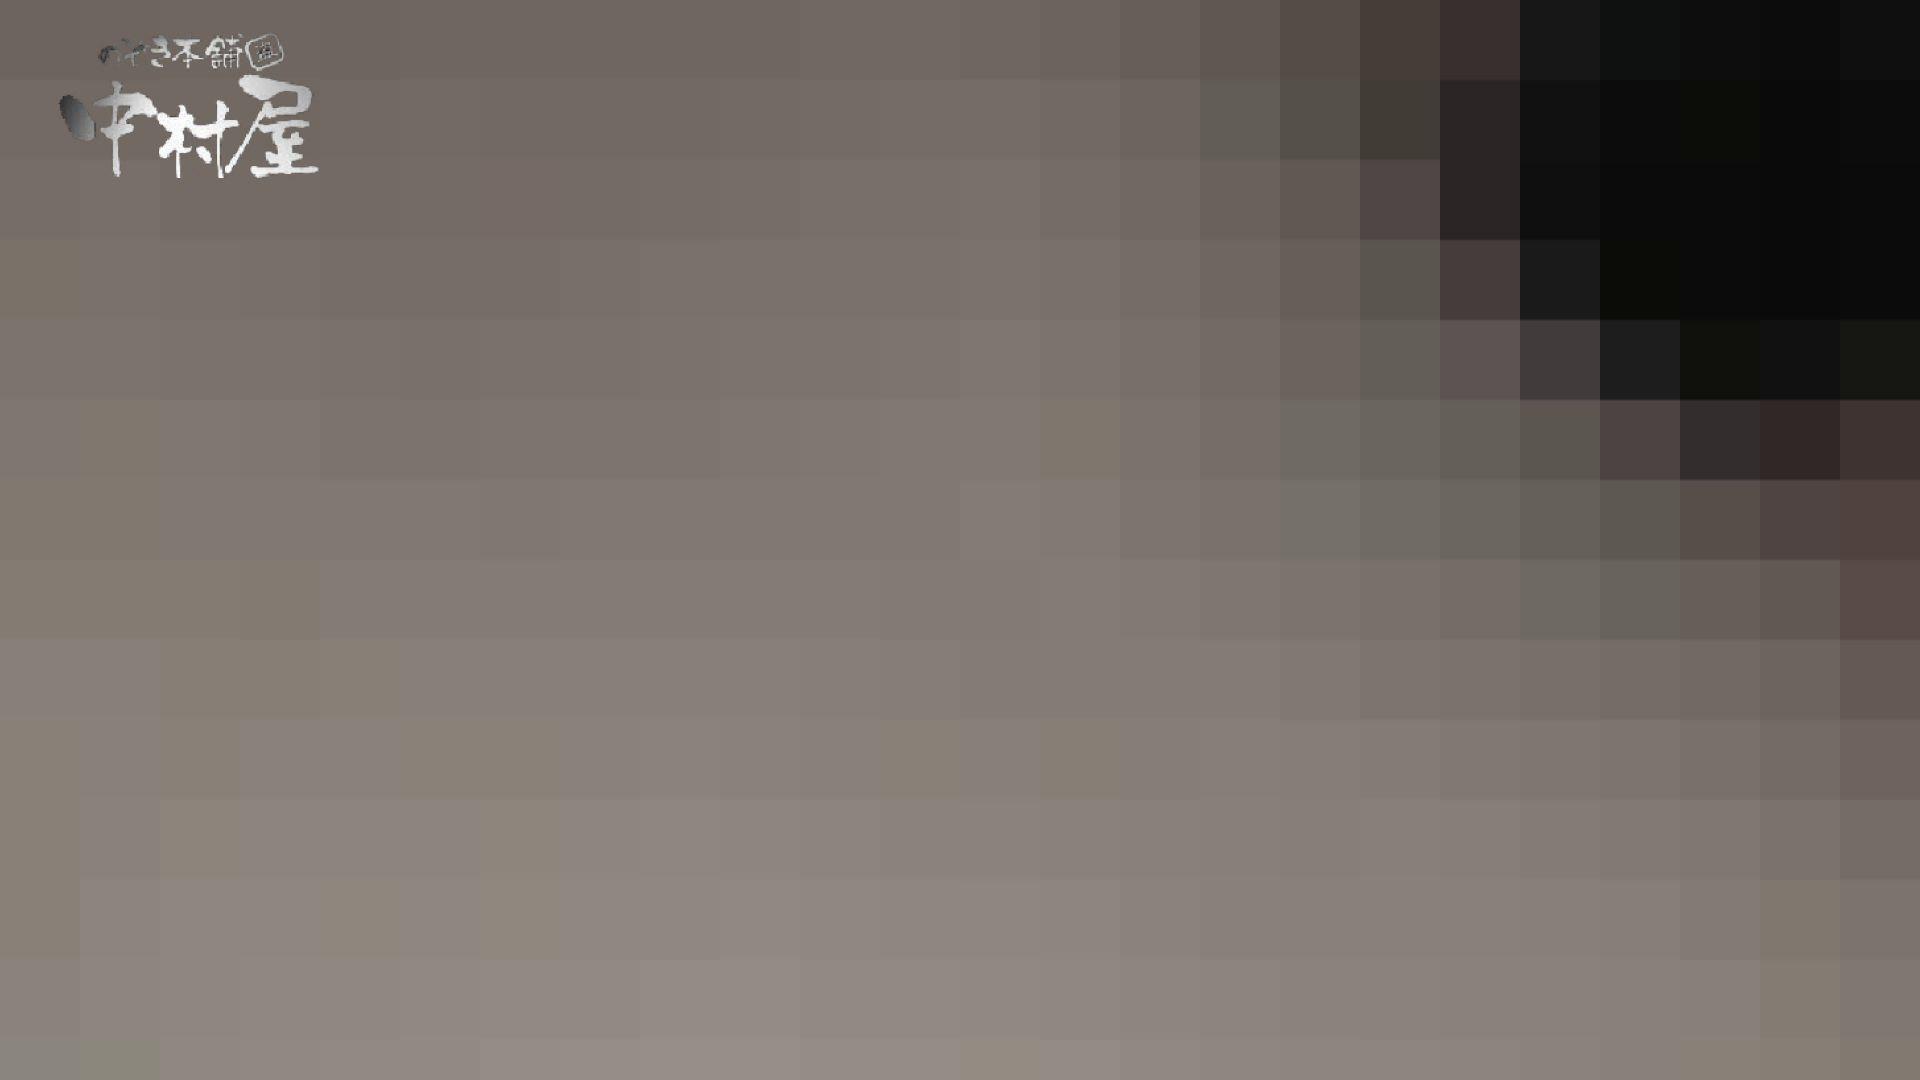 【世界の射窓から】世界の射窓から vol.14 洗面所編  102PIX 14